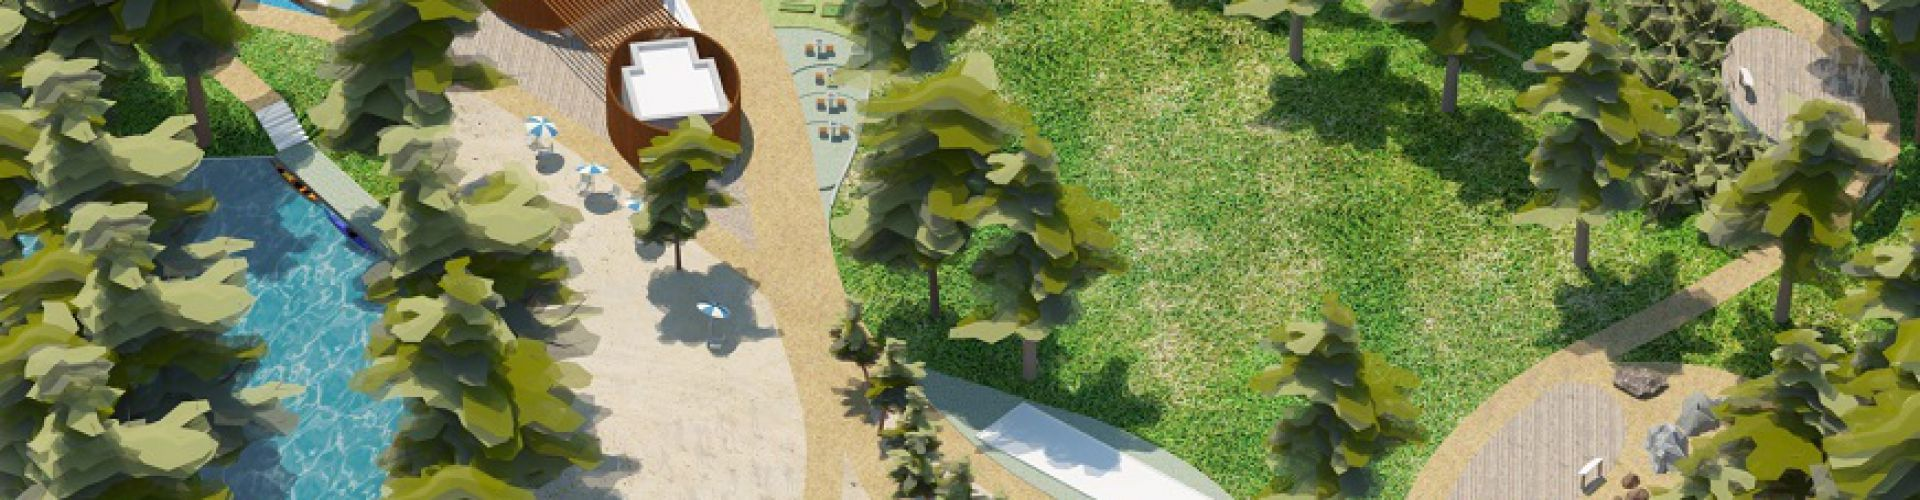 Wizualizacja obszaru przy Białej Przemszy (AMAYA Architekci)